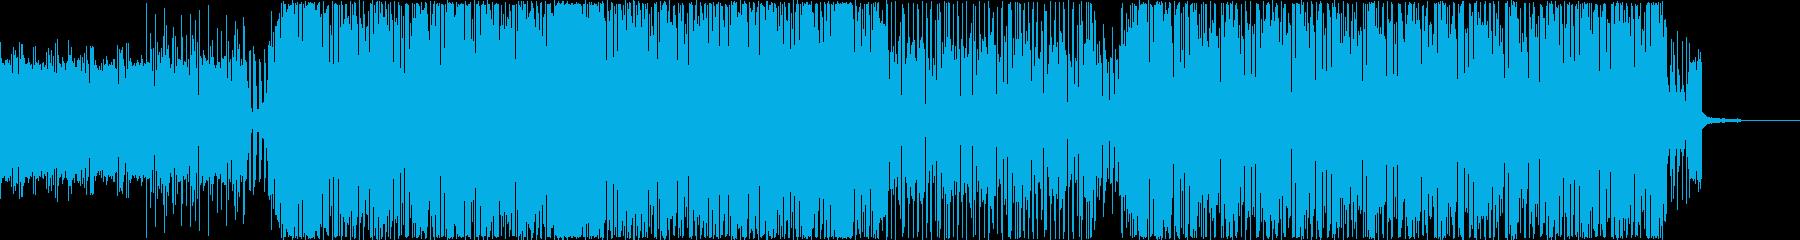 ギターが軽快な4つ打ちノリノリロックの再生済みの波形